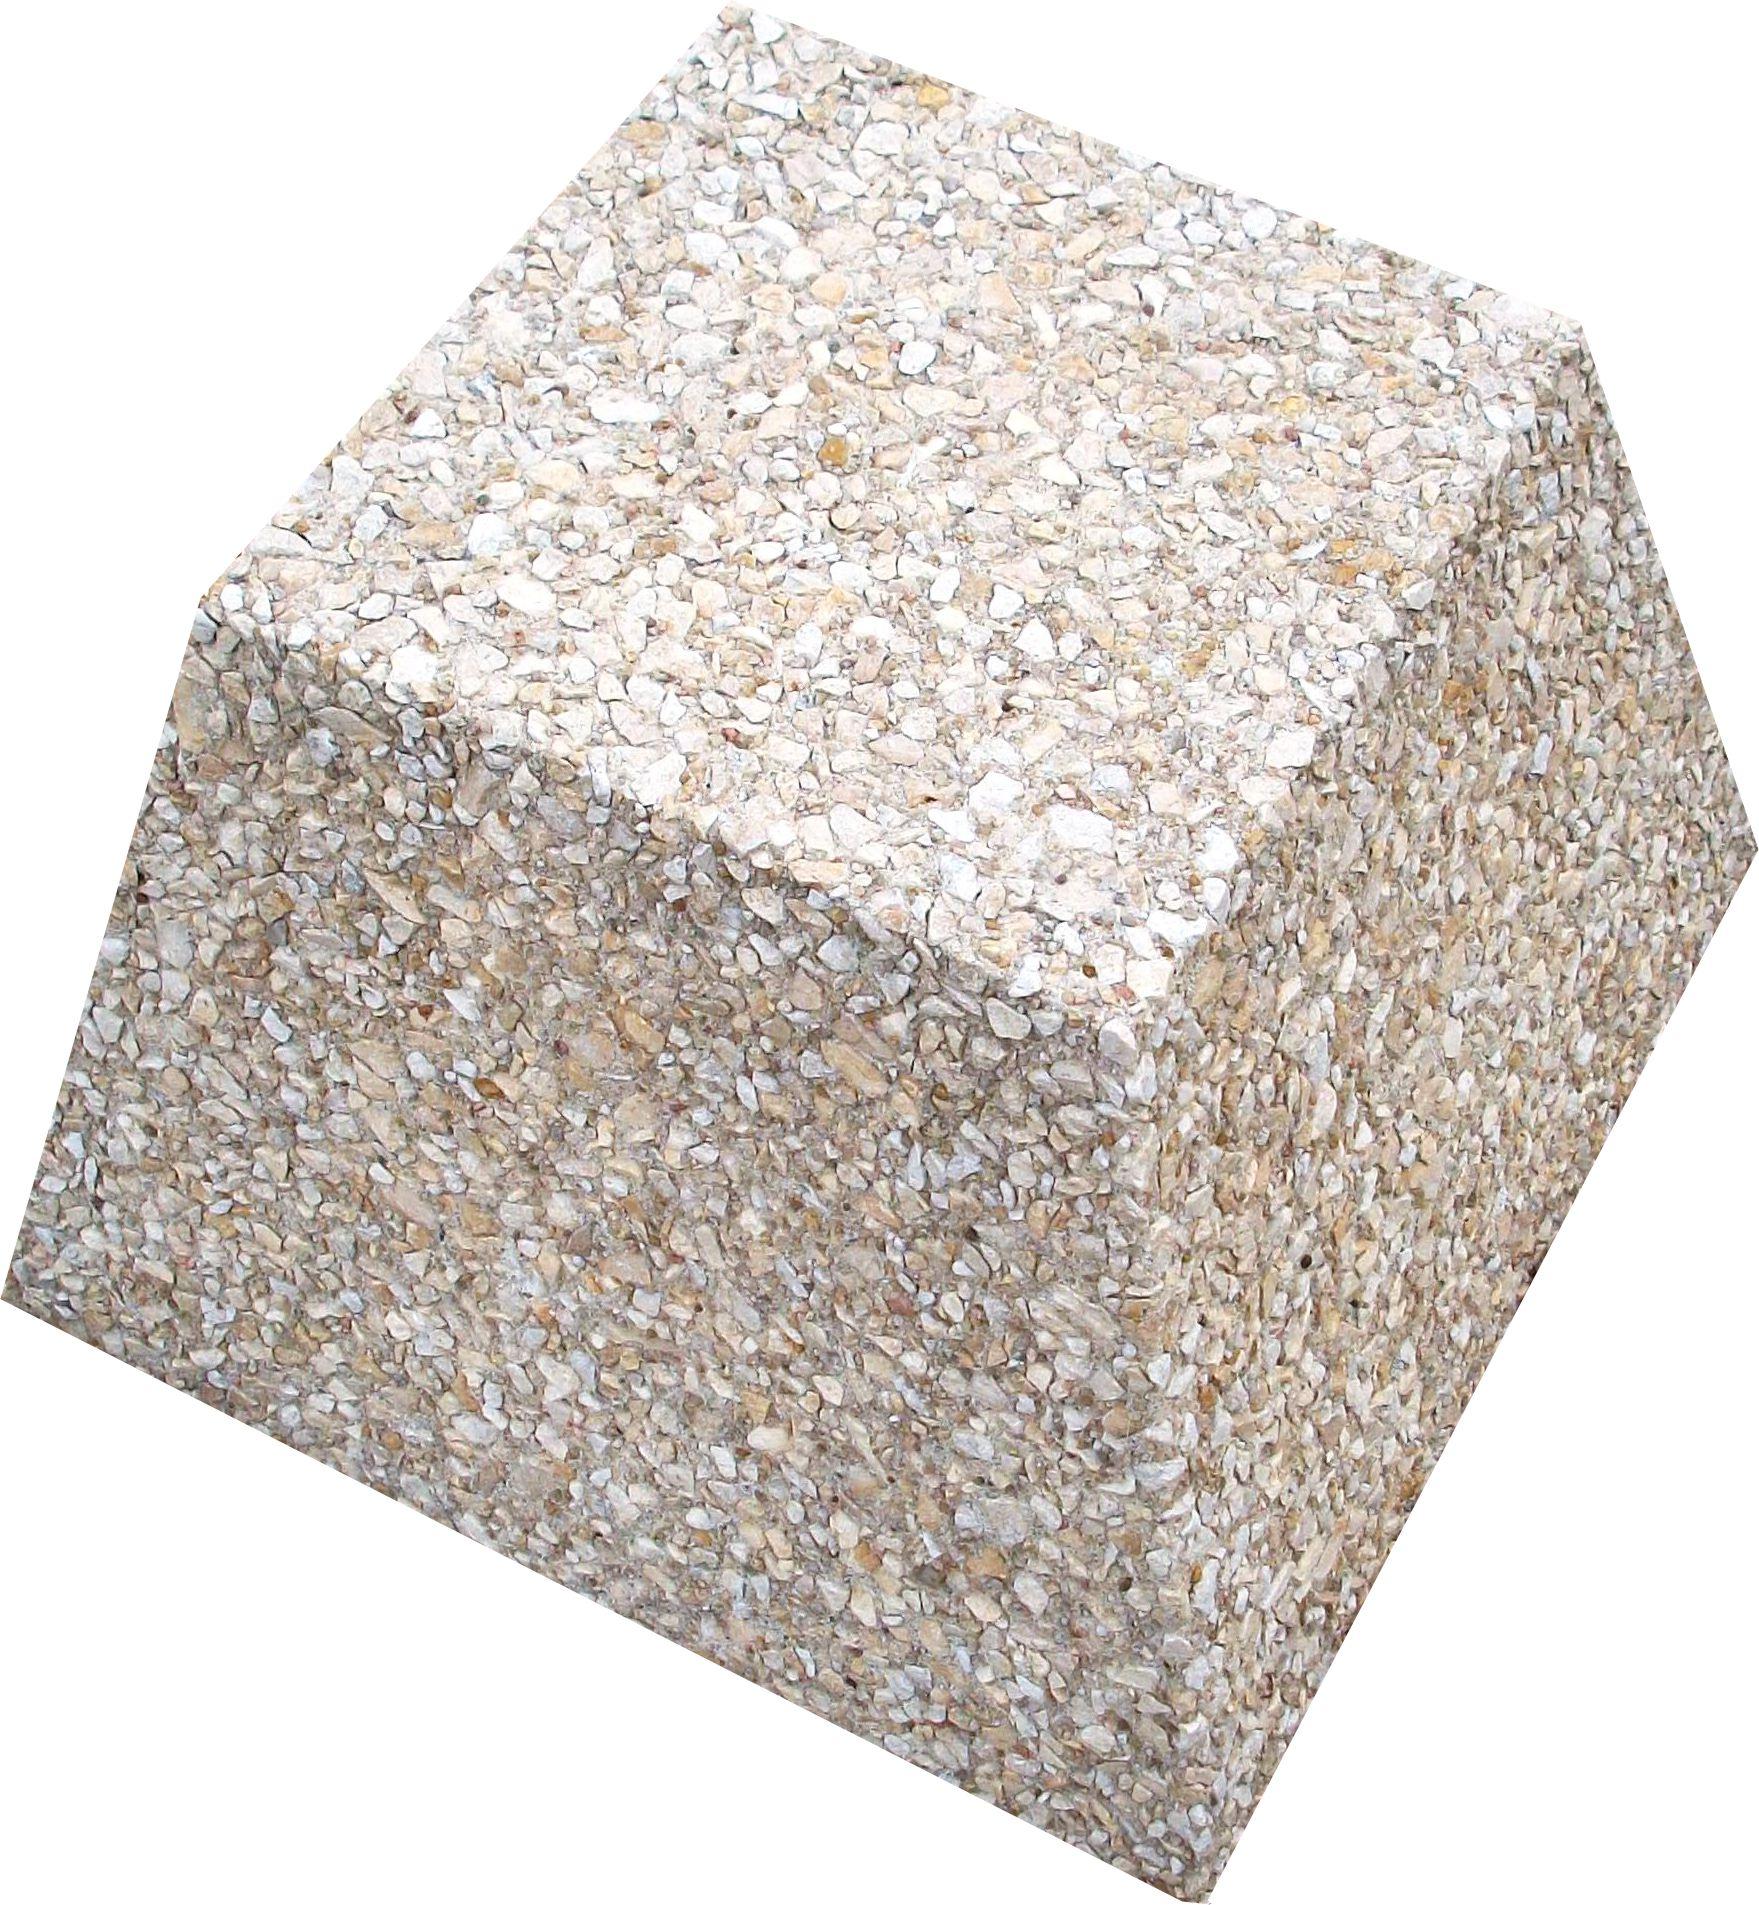 bornes en beton tous les fournisseurs borne protection beton borne delimitation beton. Black Bedroom Furniture Sets. Home Design Ideas